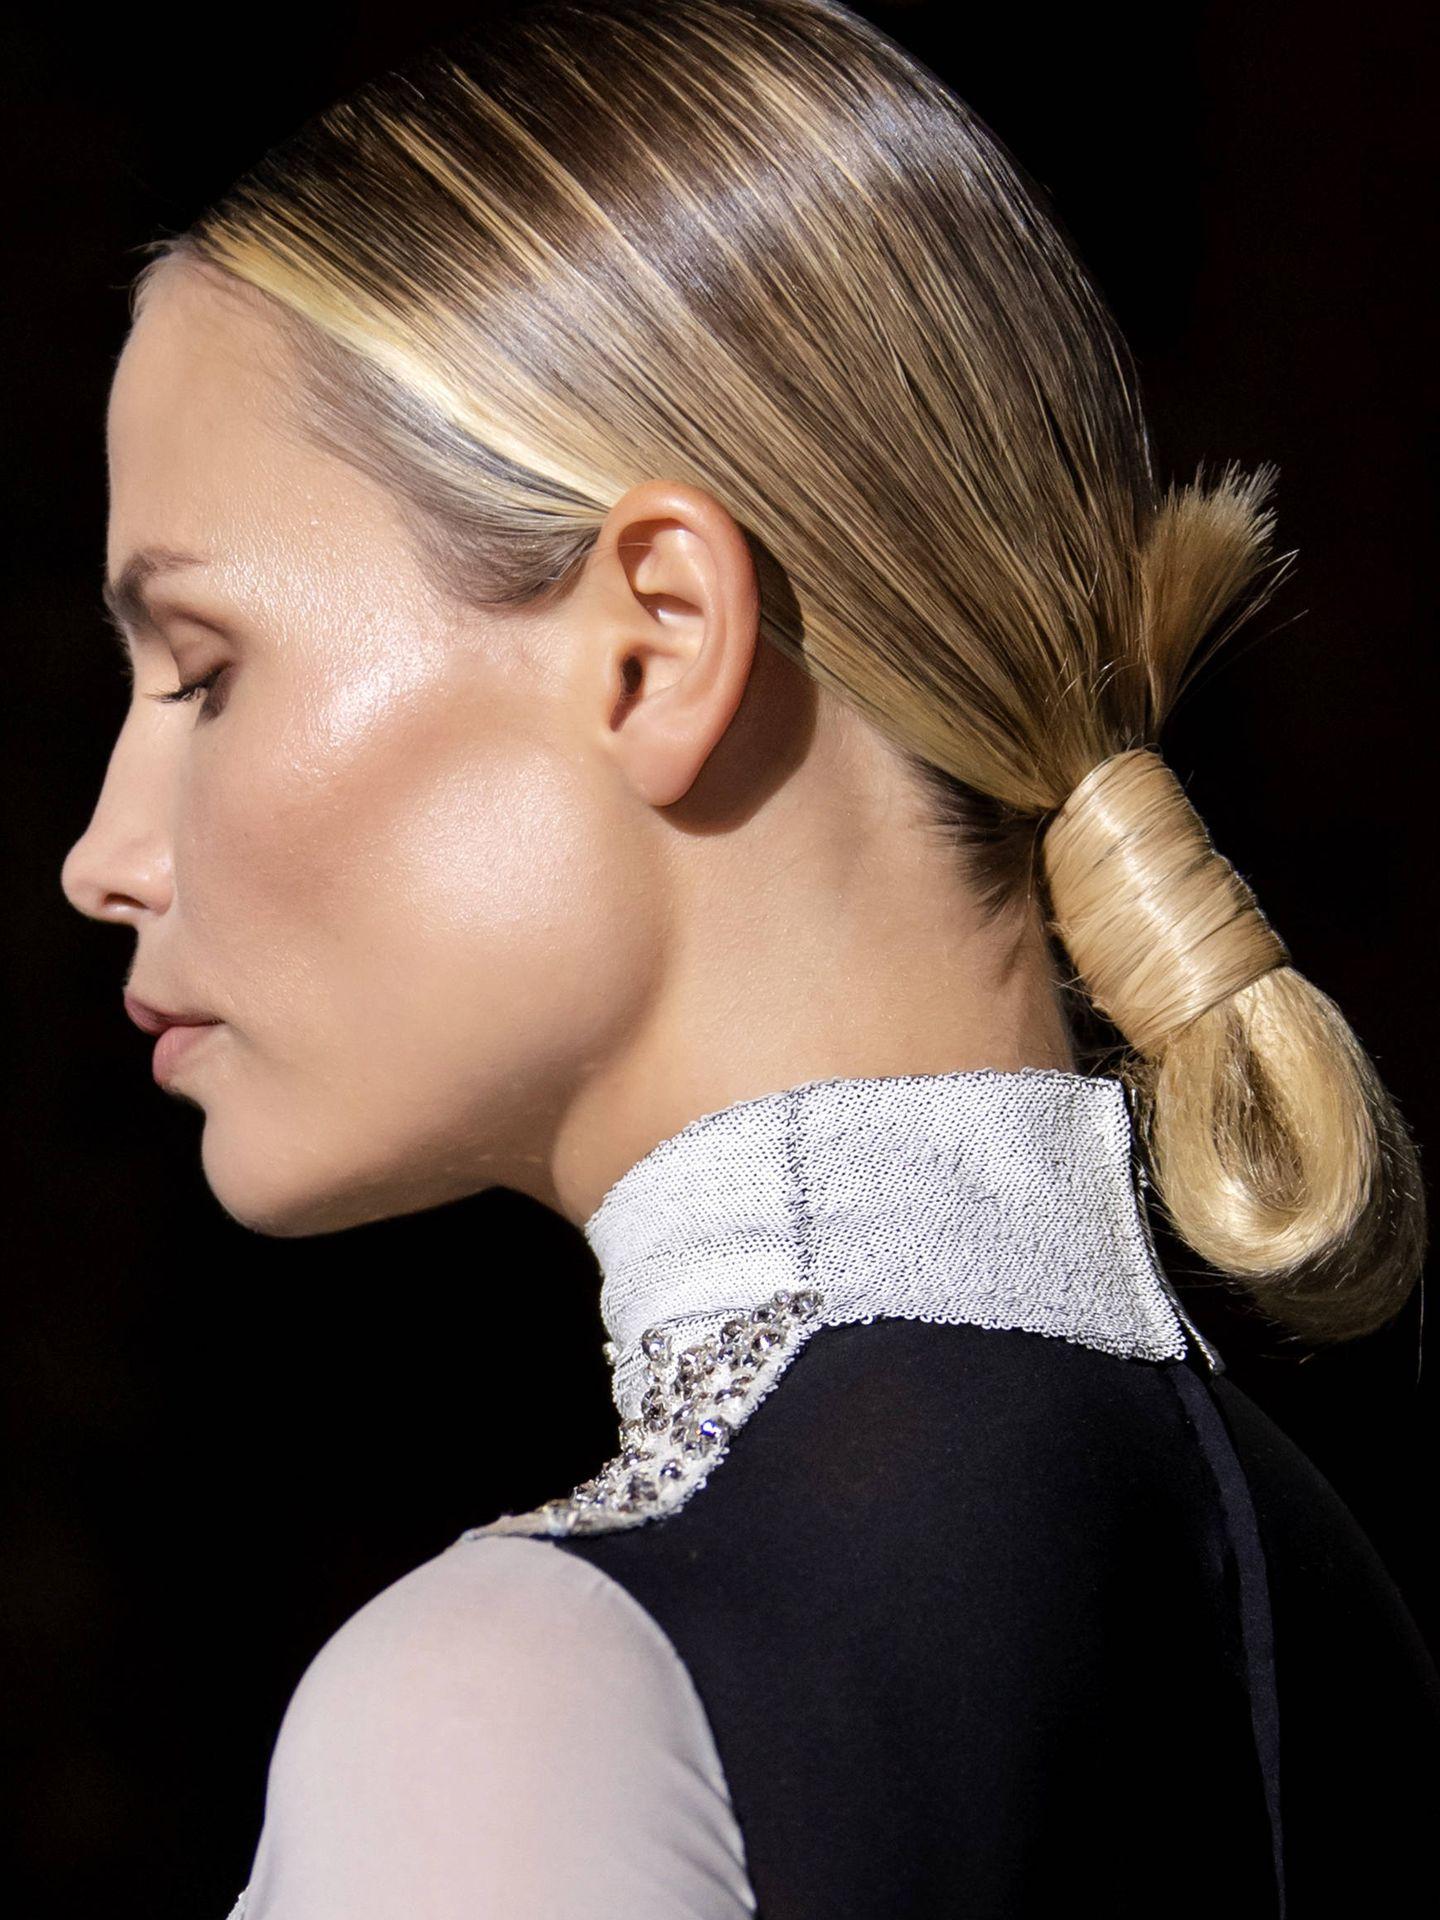 Los peinados pulidos potencian el brillo del cabello. (Imaxtree)